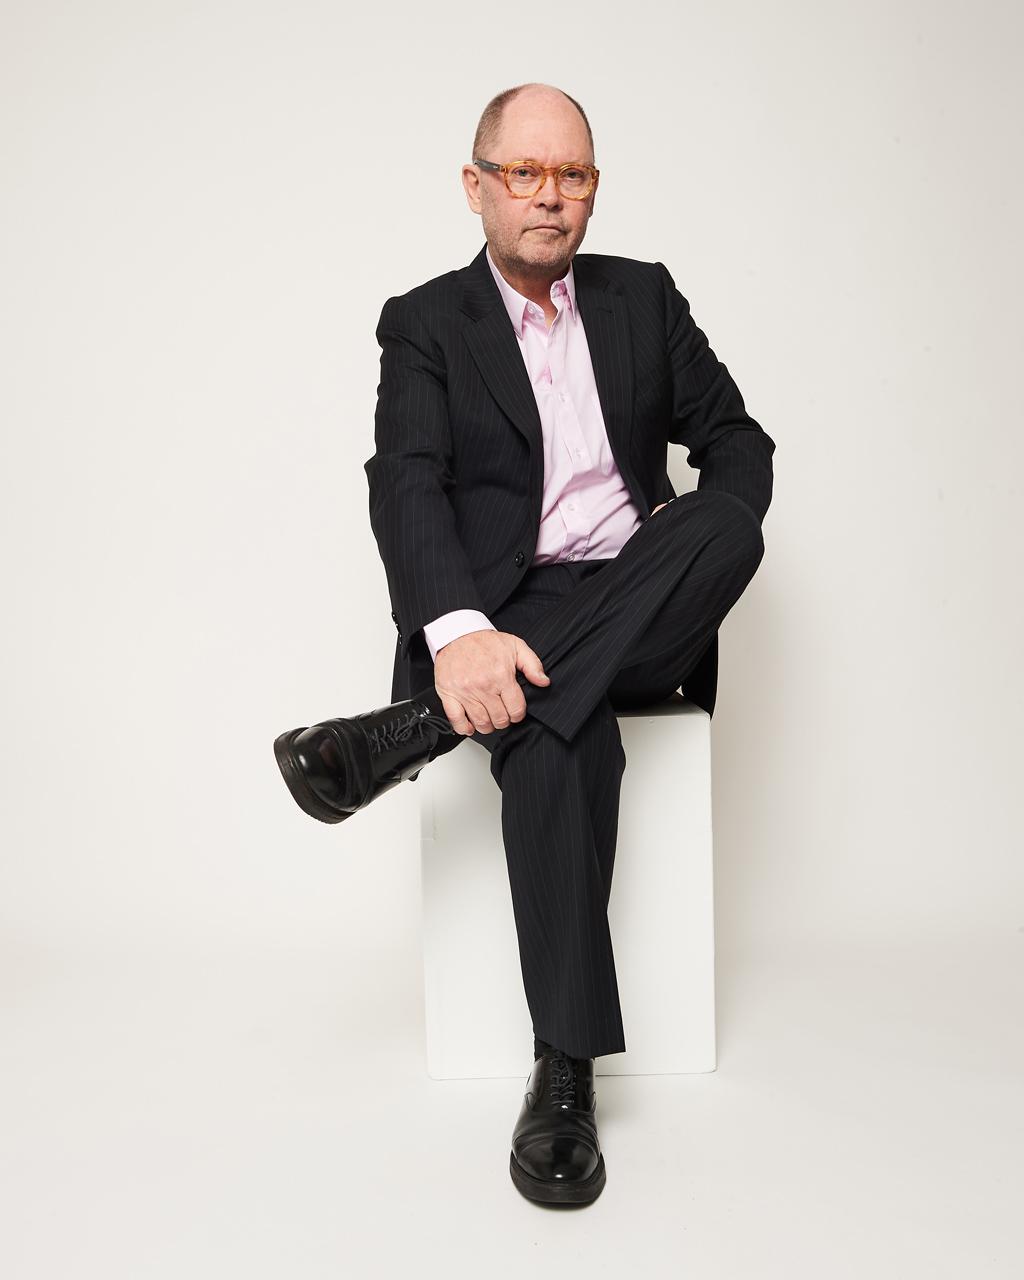 Ulf Portnoff